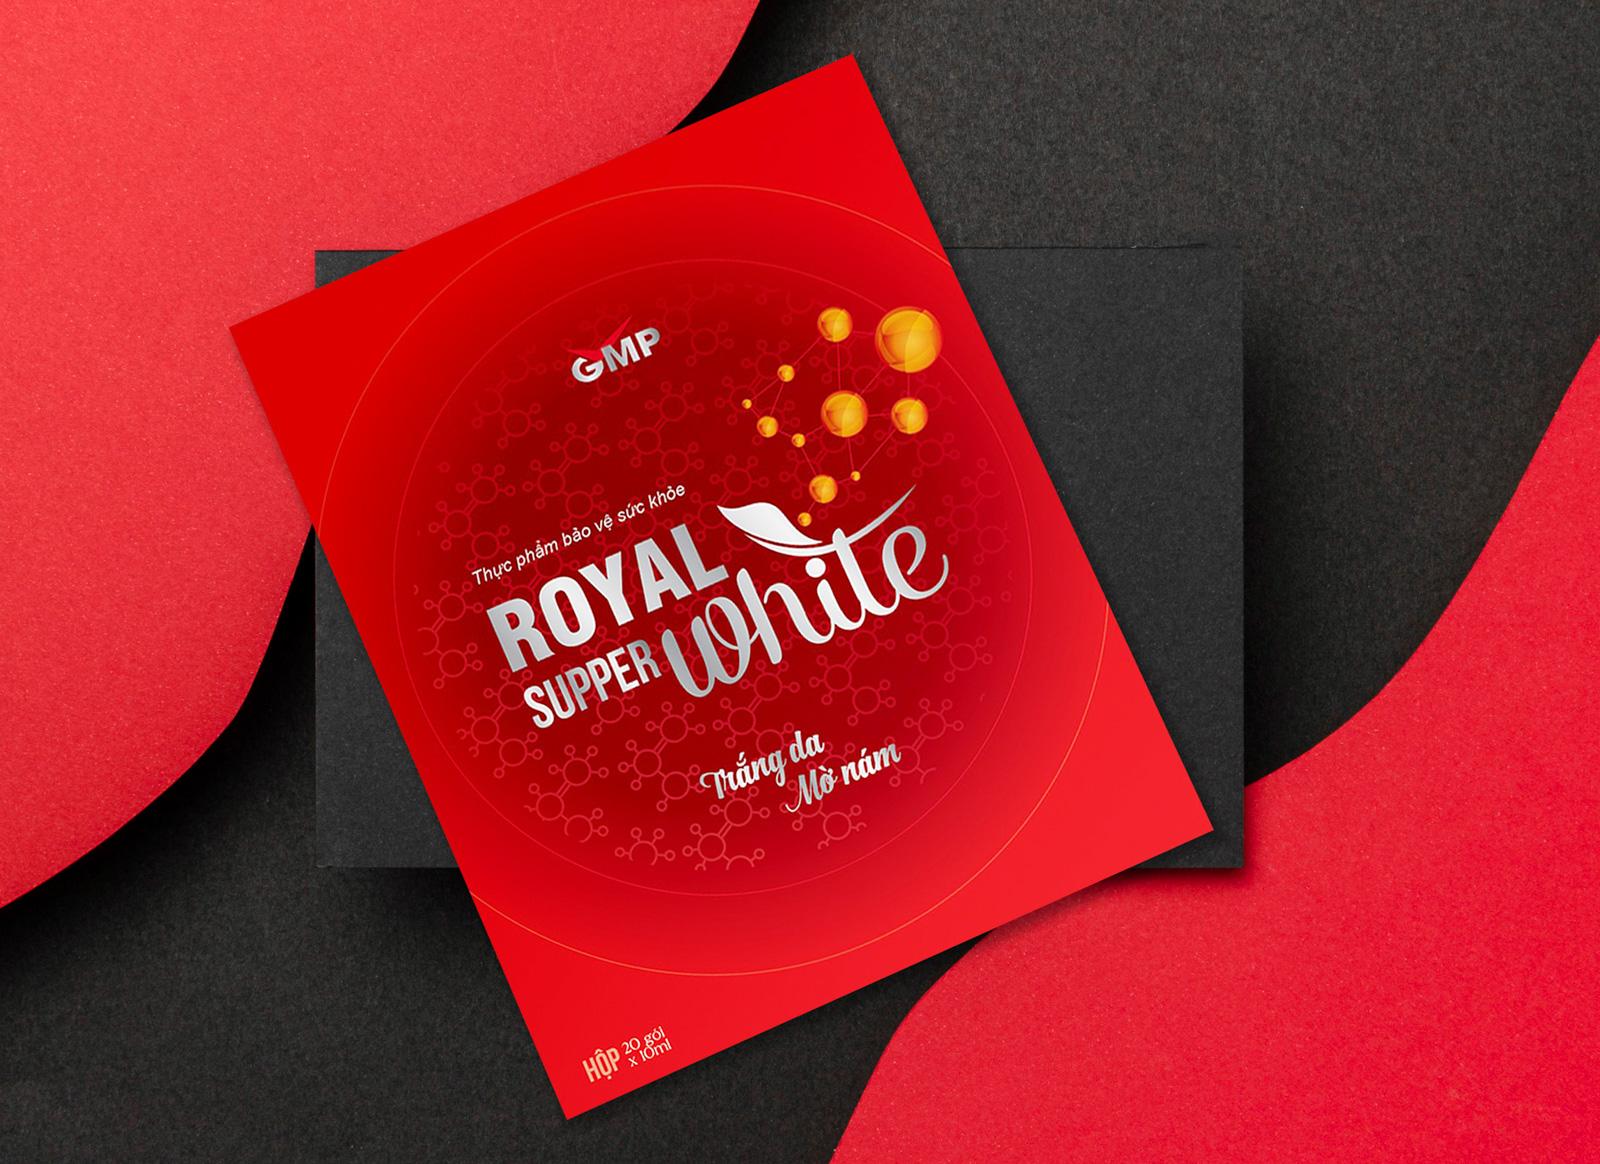 8 SỰ THẬT VỀ ROYAL SUPER WHITE